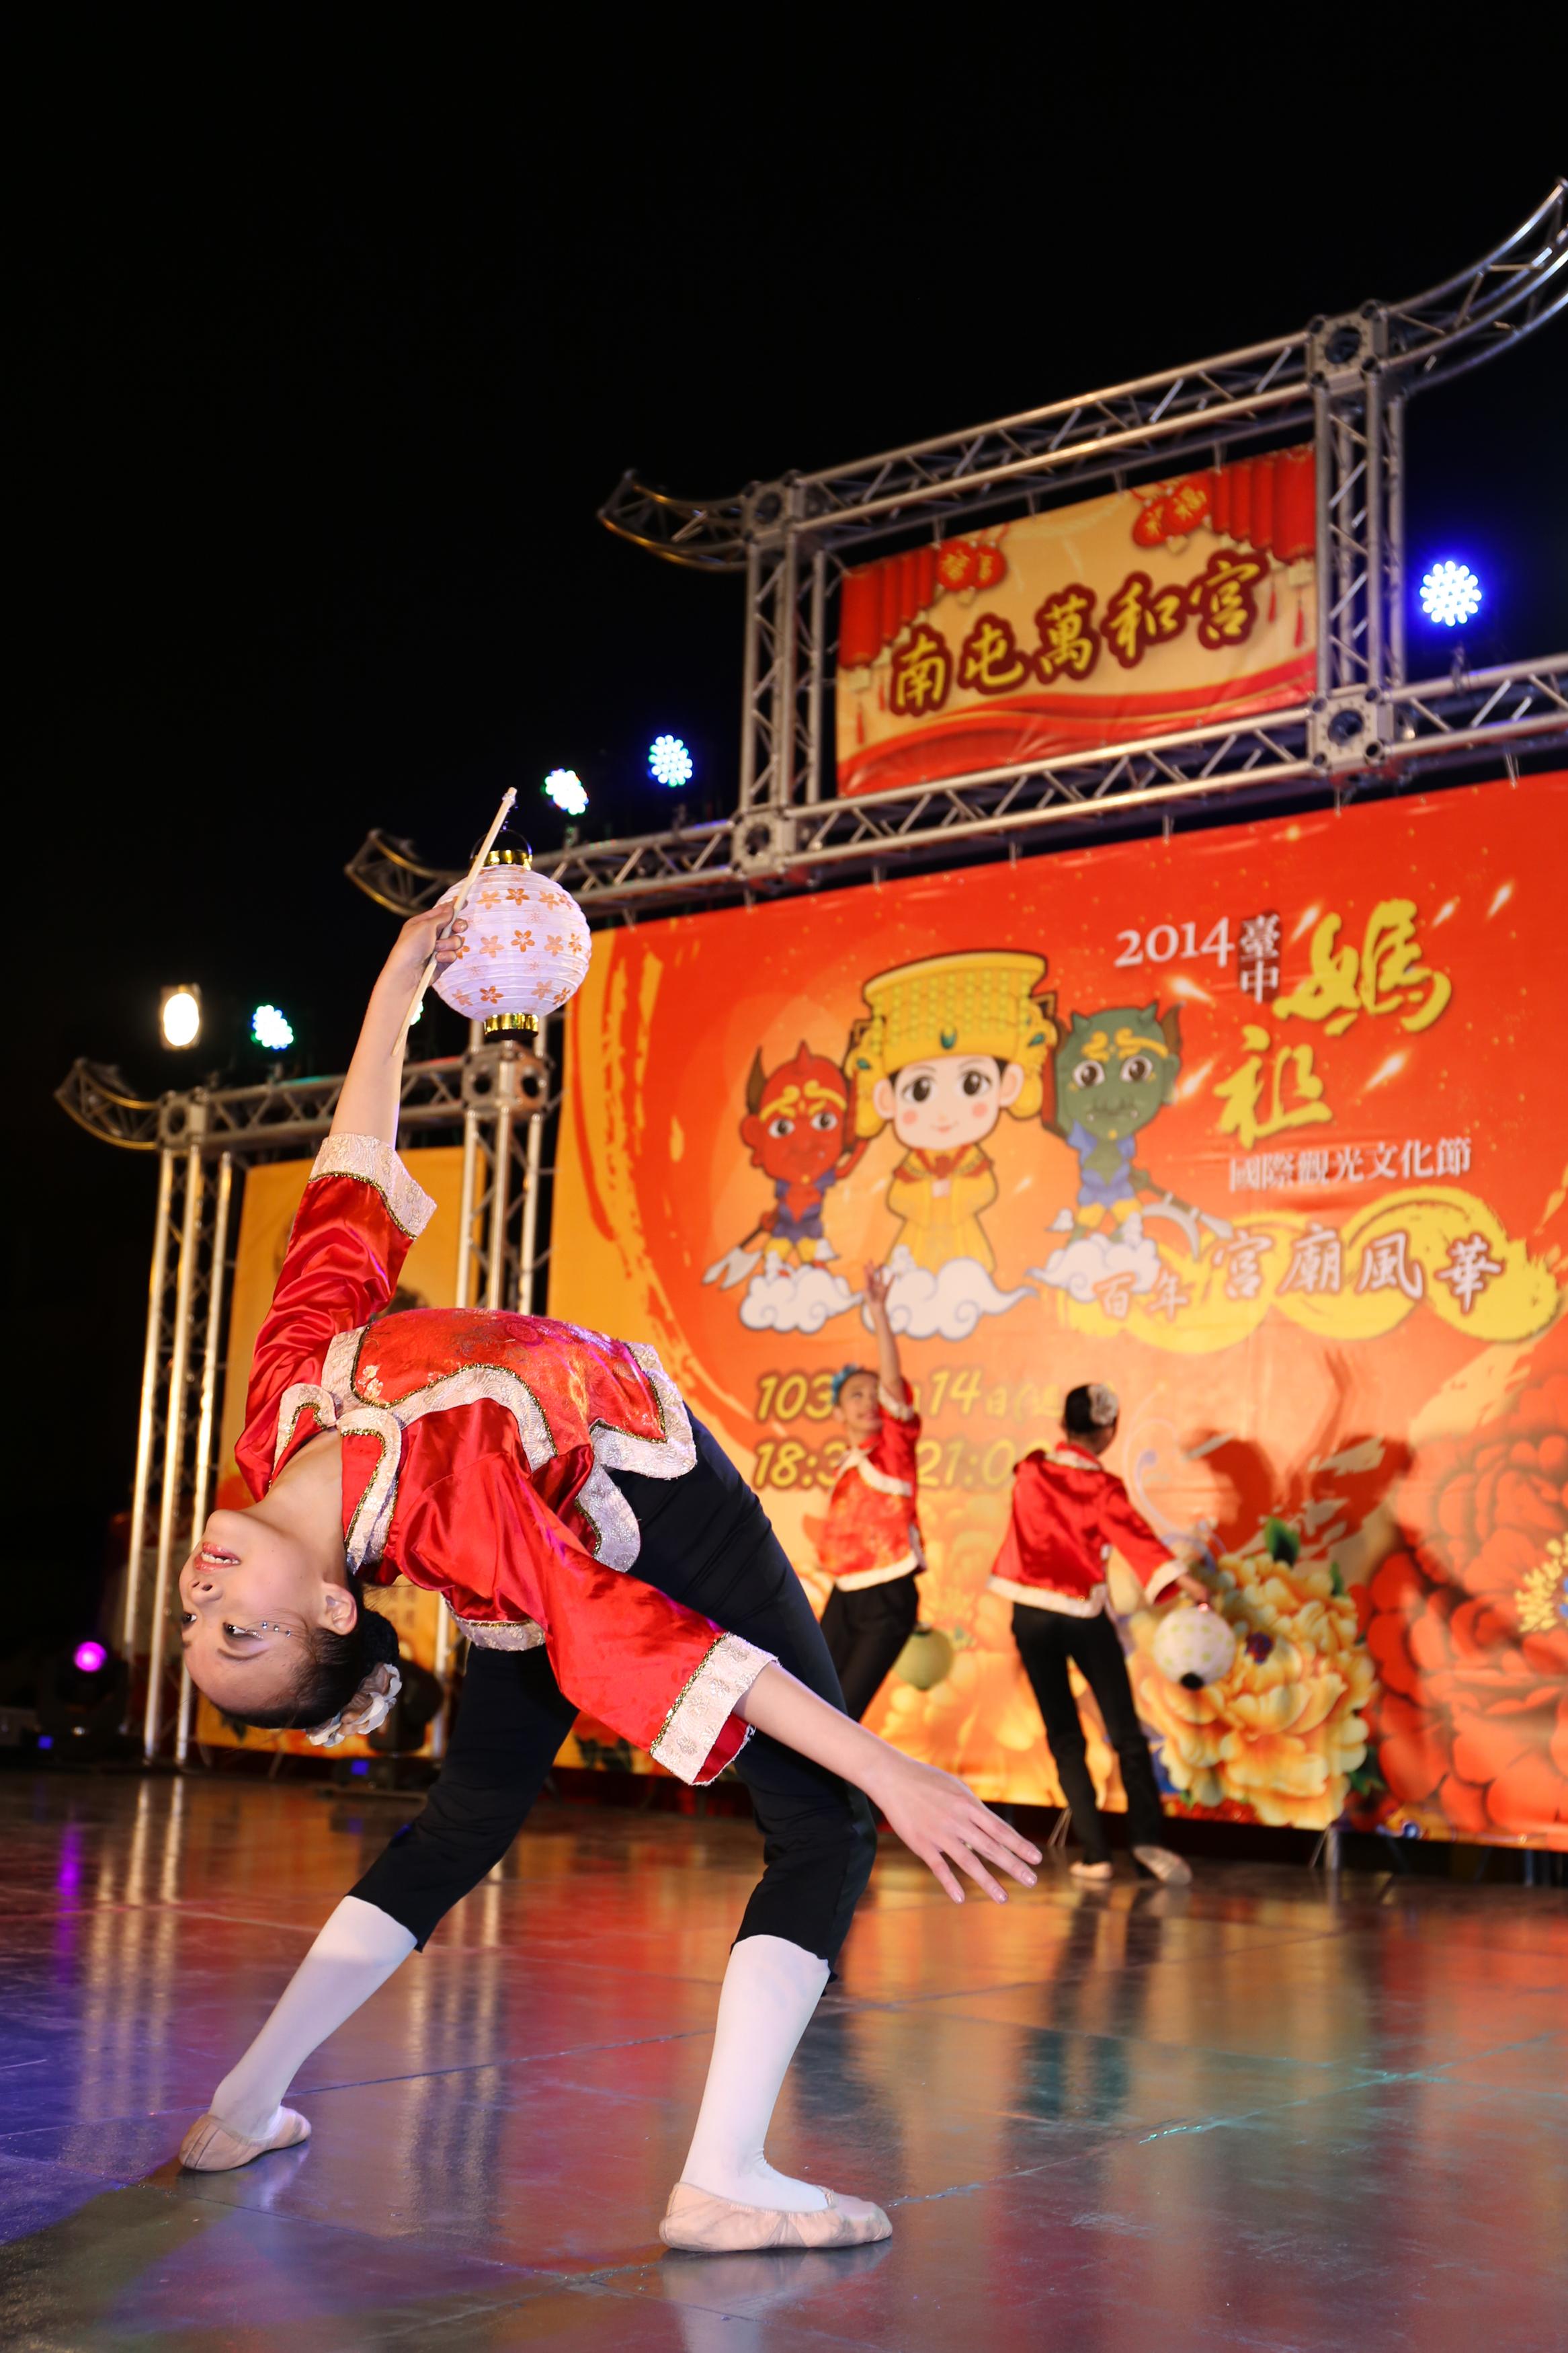 台中媽祖國際觀光文化節在萬和宮,台中婚錄推薦15